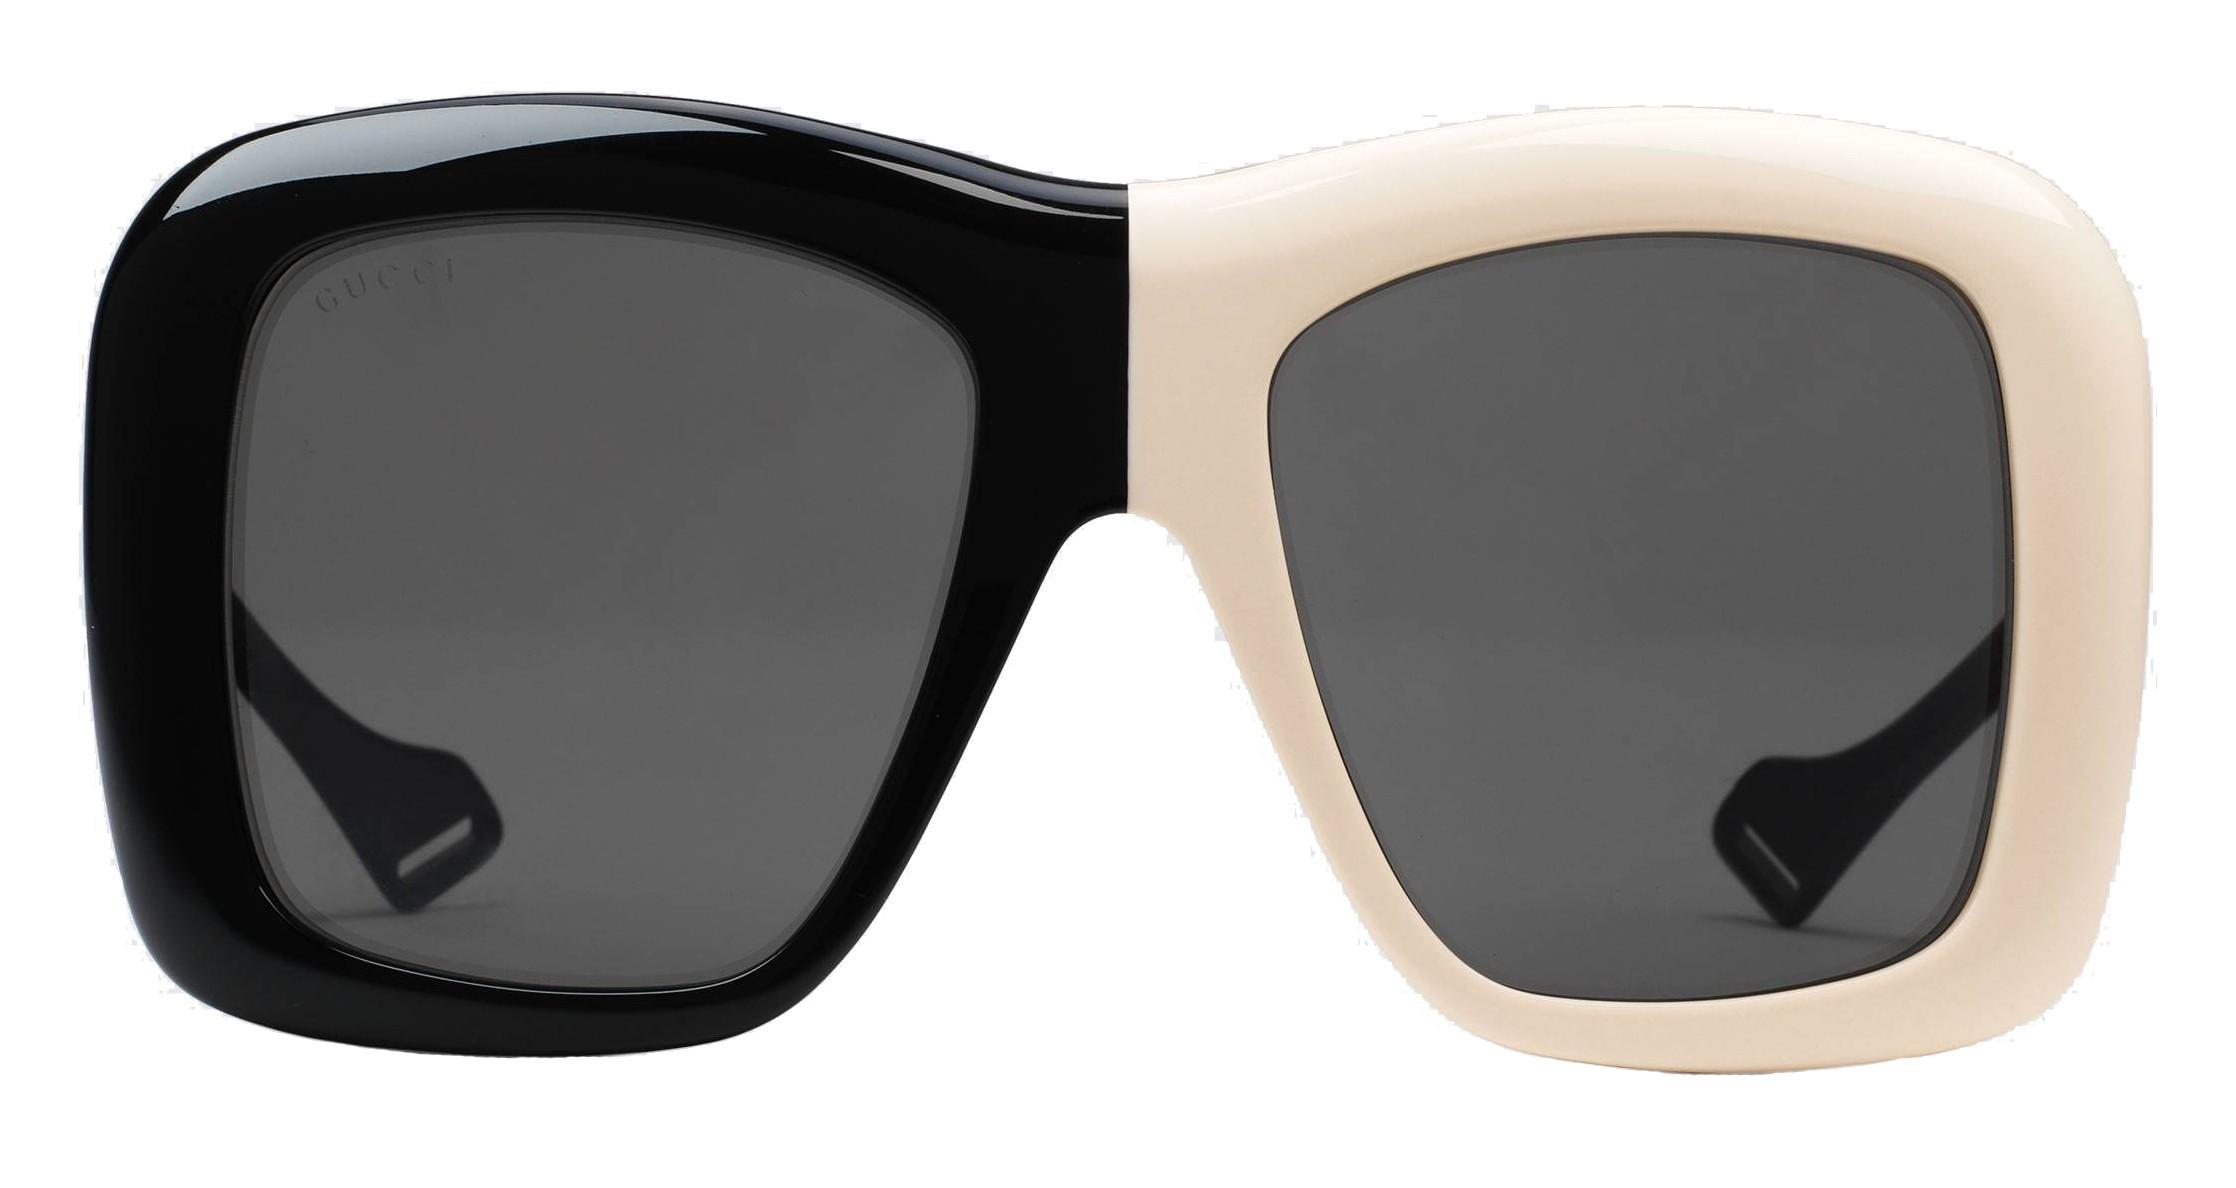 82ef64deb8 Gucci - Square Oversize Sunglasses - Bicolor - Gucci Eyewear - Avvenice